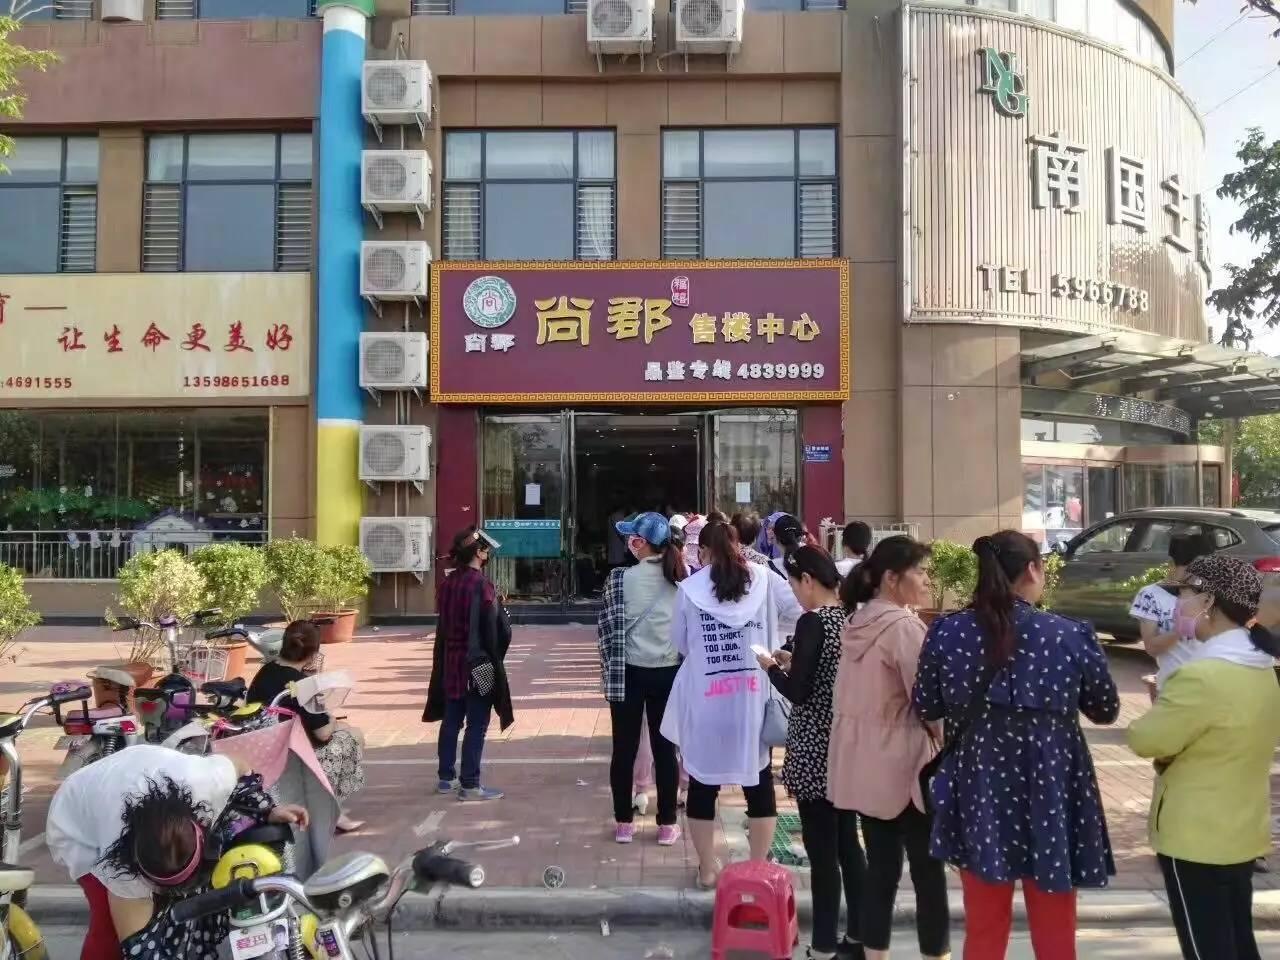 获嘉县有多少人口_获嘉入选千年古县,全河南只有6个地区有此殊荣